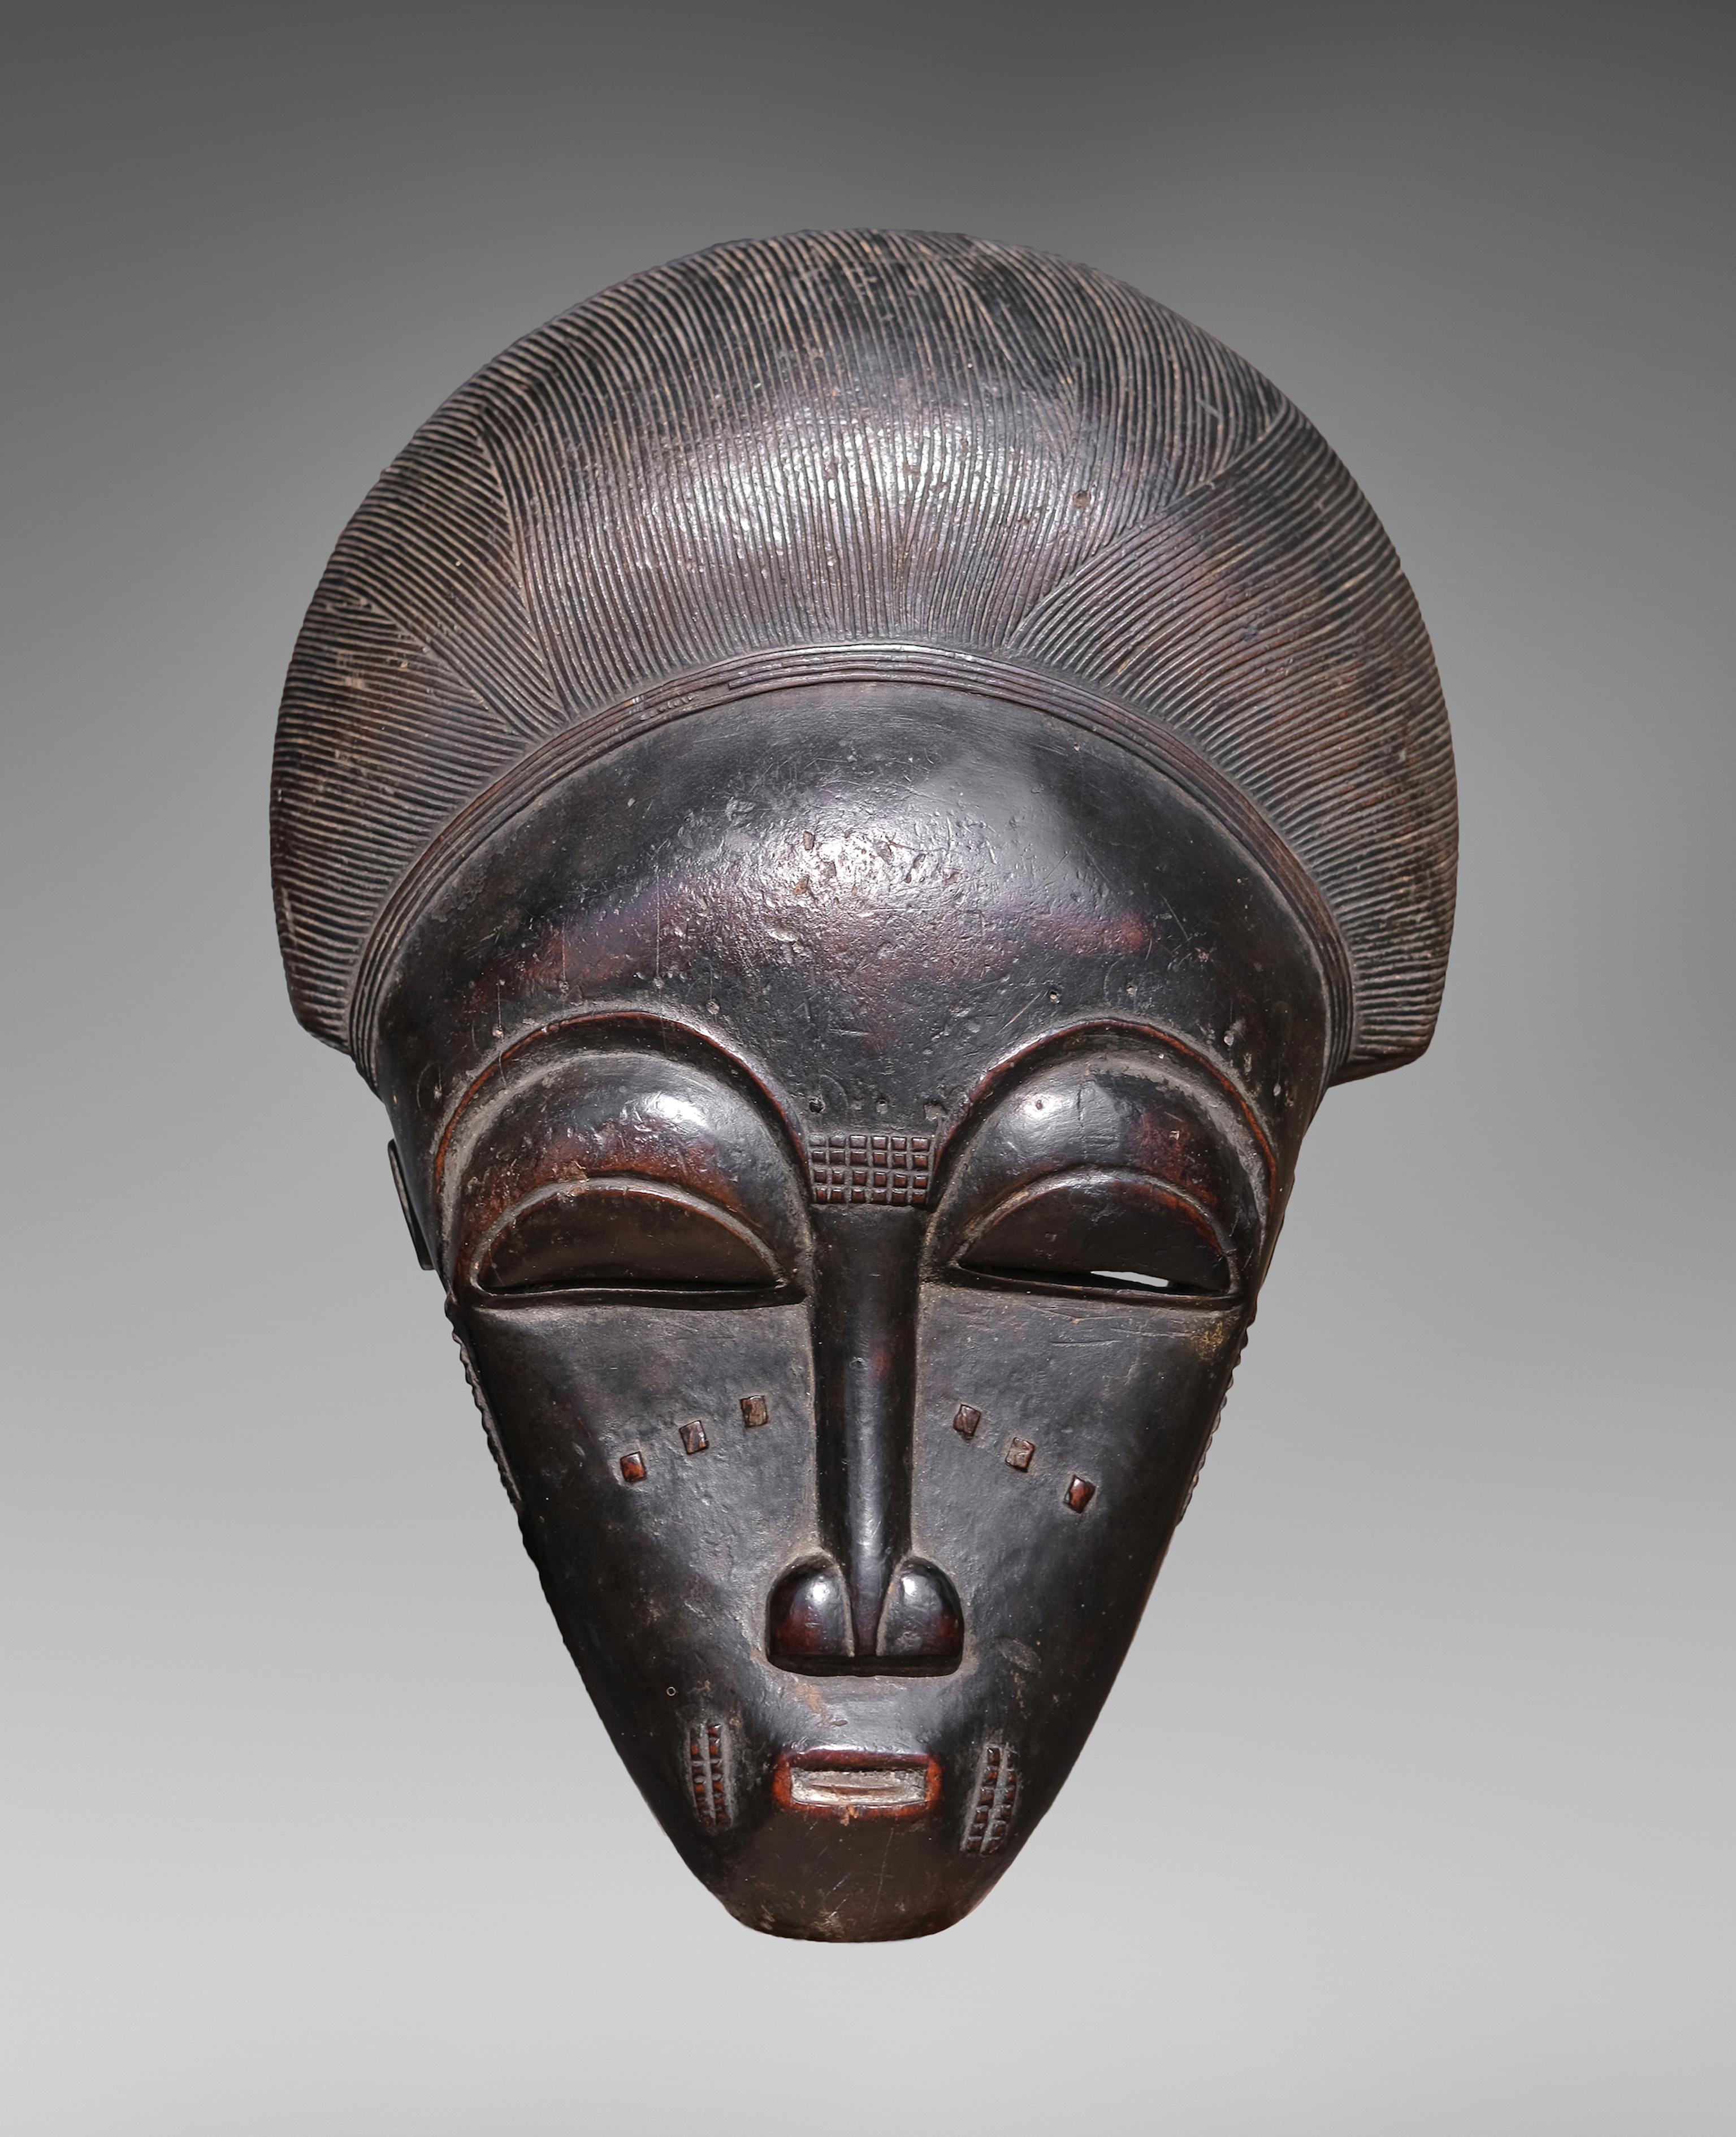 Masque portrait ndoma ; Côte d'Ivoire, XIXe siècle, galerie Olivier Castellano. Copyright : Hughes Dubois.